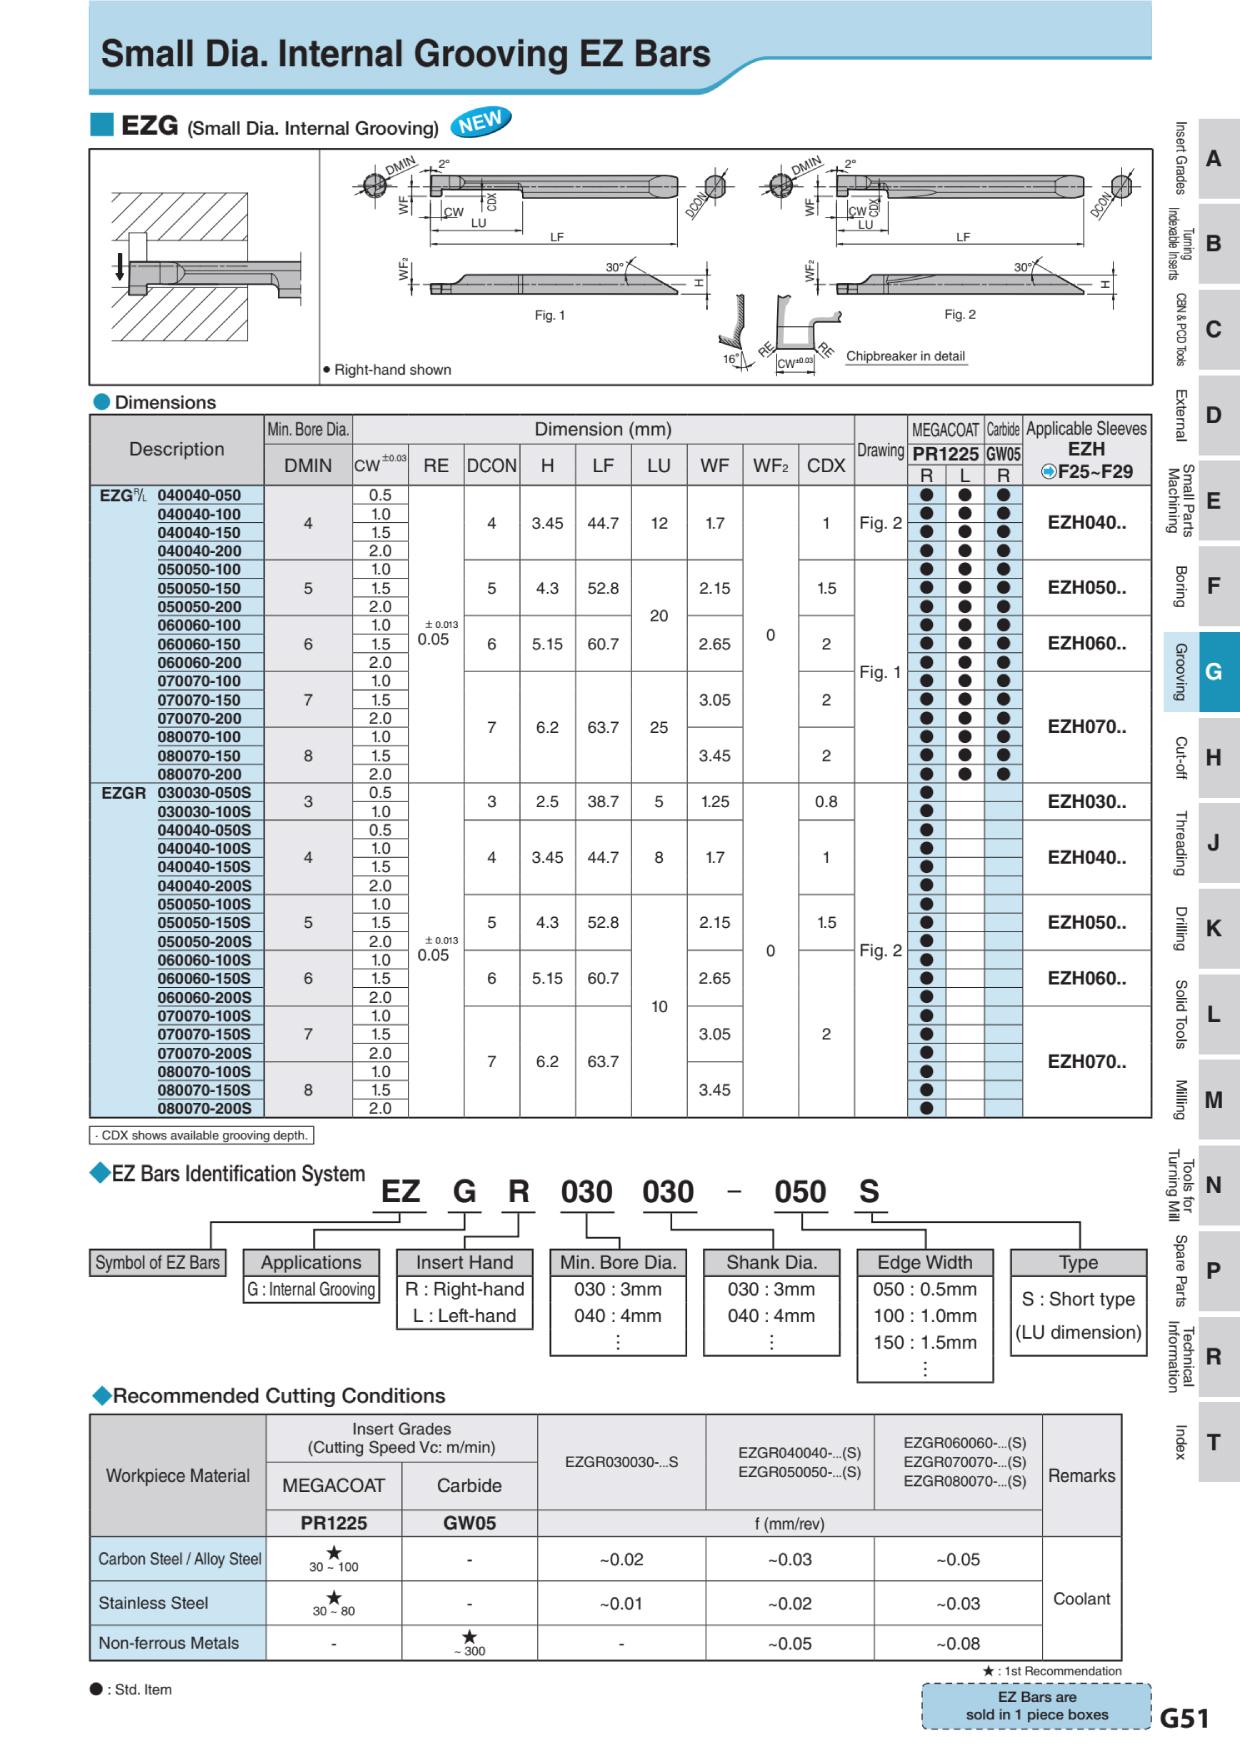 Mảnh Dao Tiện Chích Rãnh Trong Đường Kính Nhỏ Kyocera EZG 1